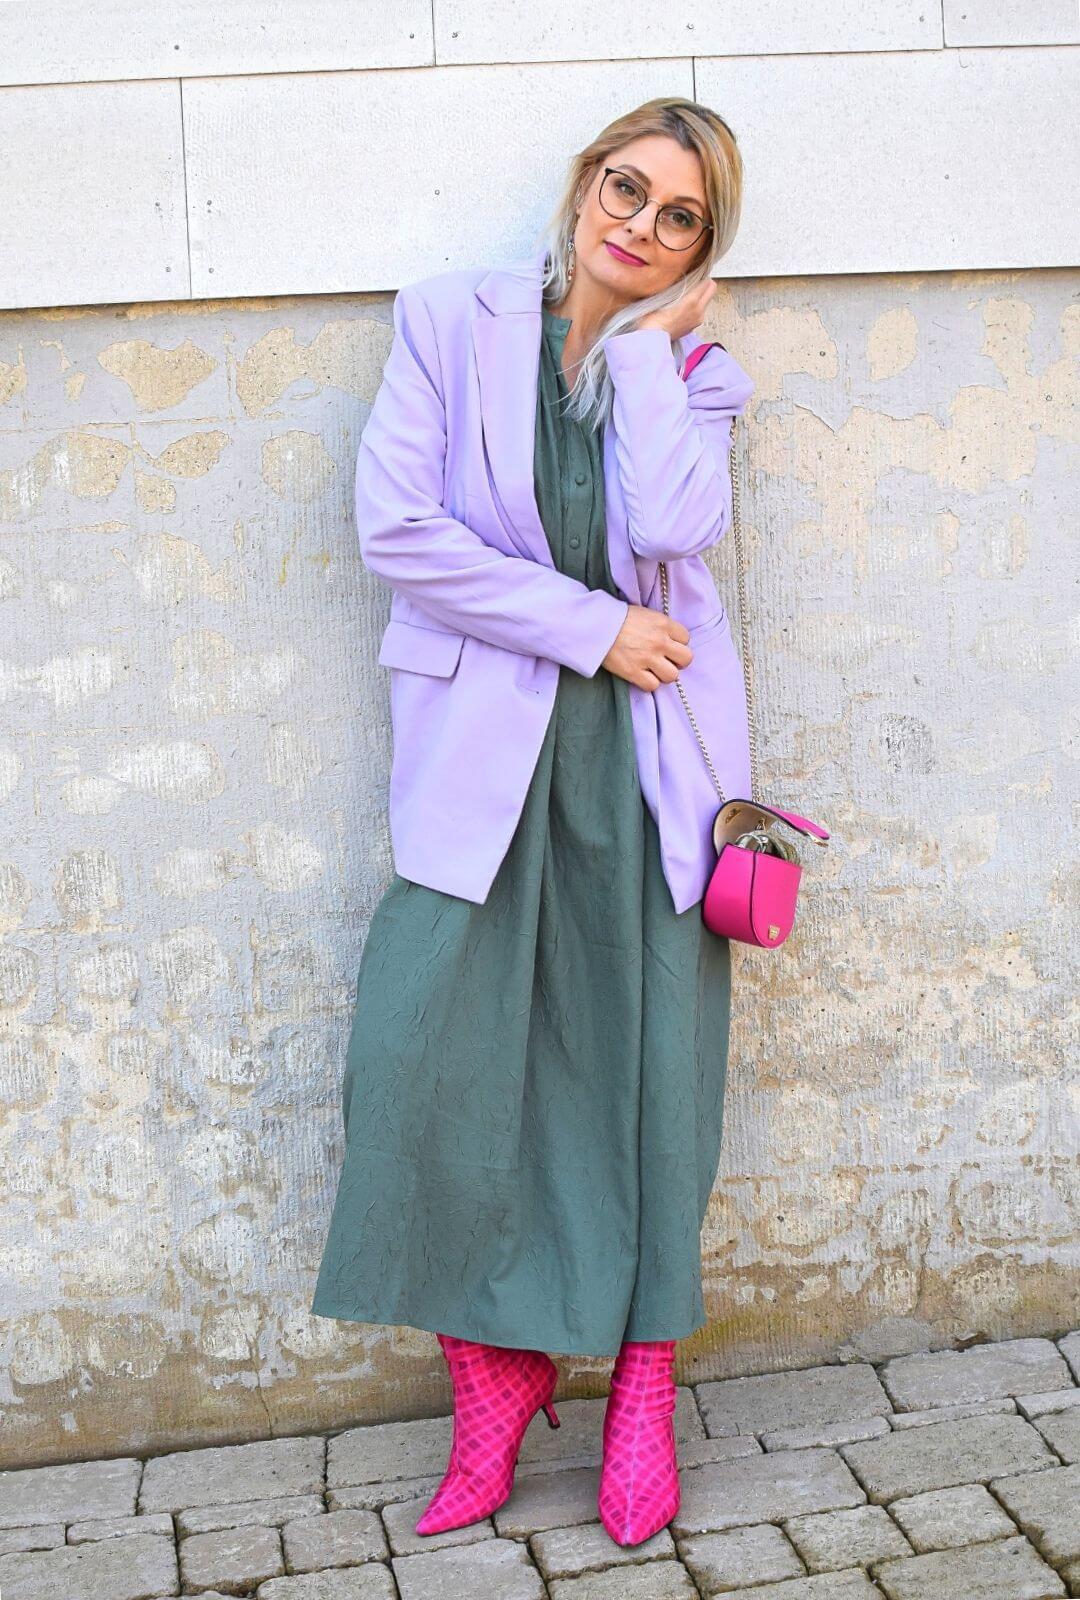 Fashionformel Blazer Mit Kleid Kombinieren So Schon Stylst Du Den Look Die Edelfabrik Das U40 Magazin Mode Beauty Reise Lifestyle